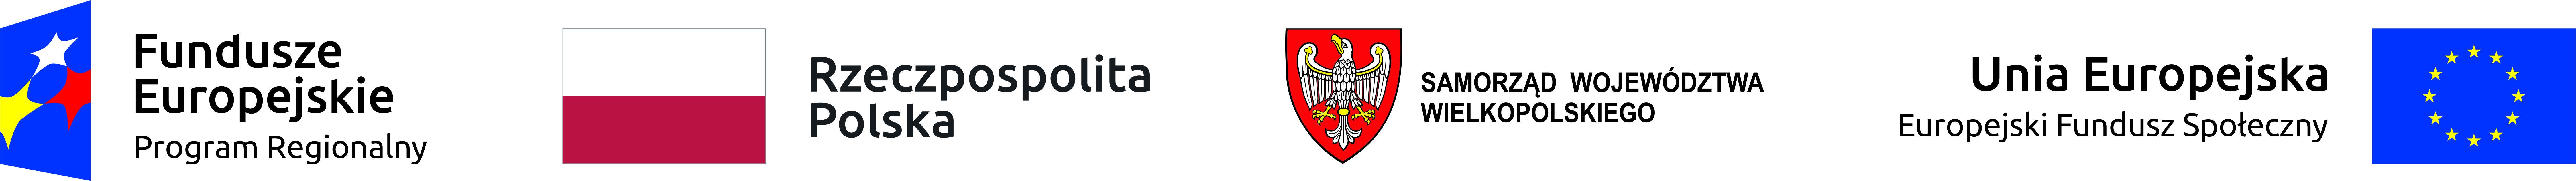 belka_1